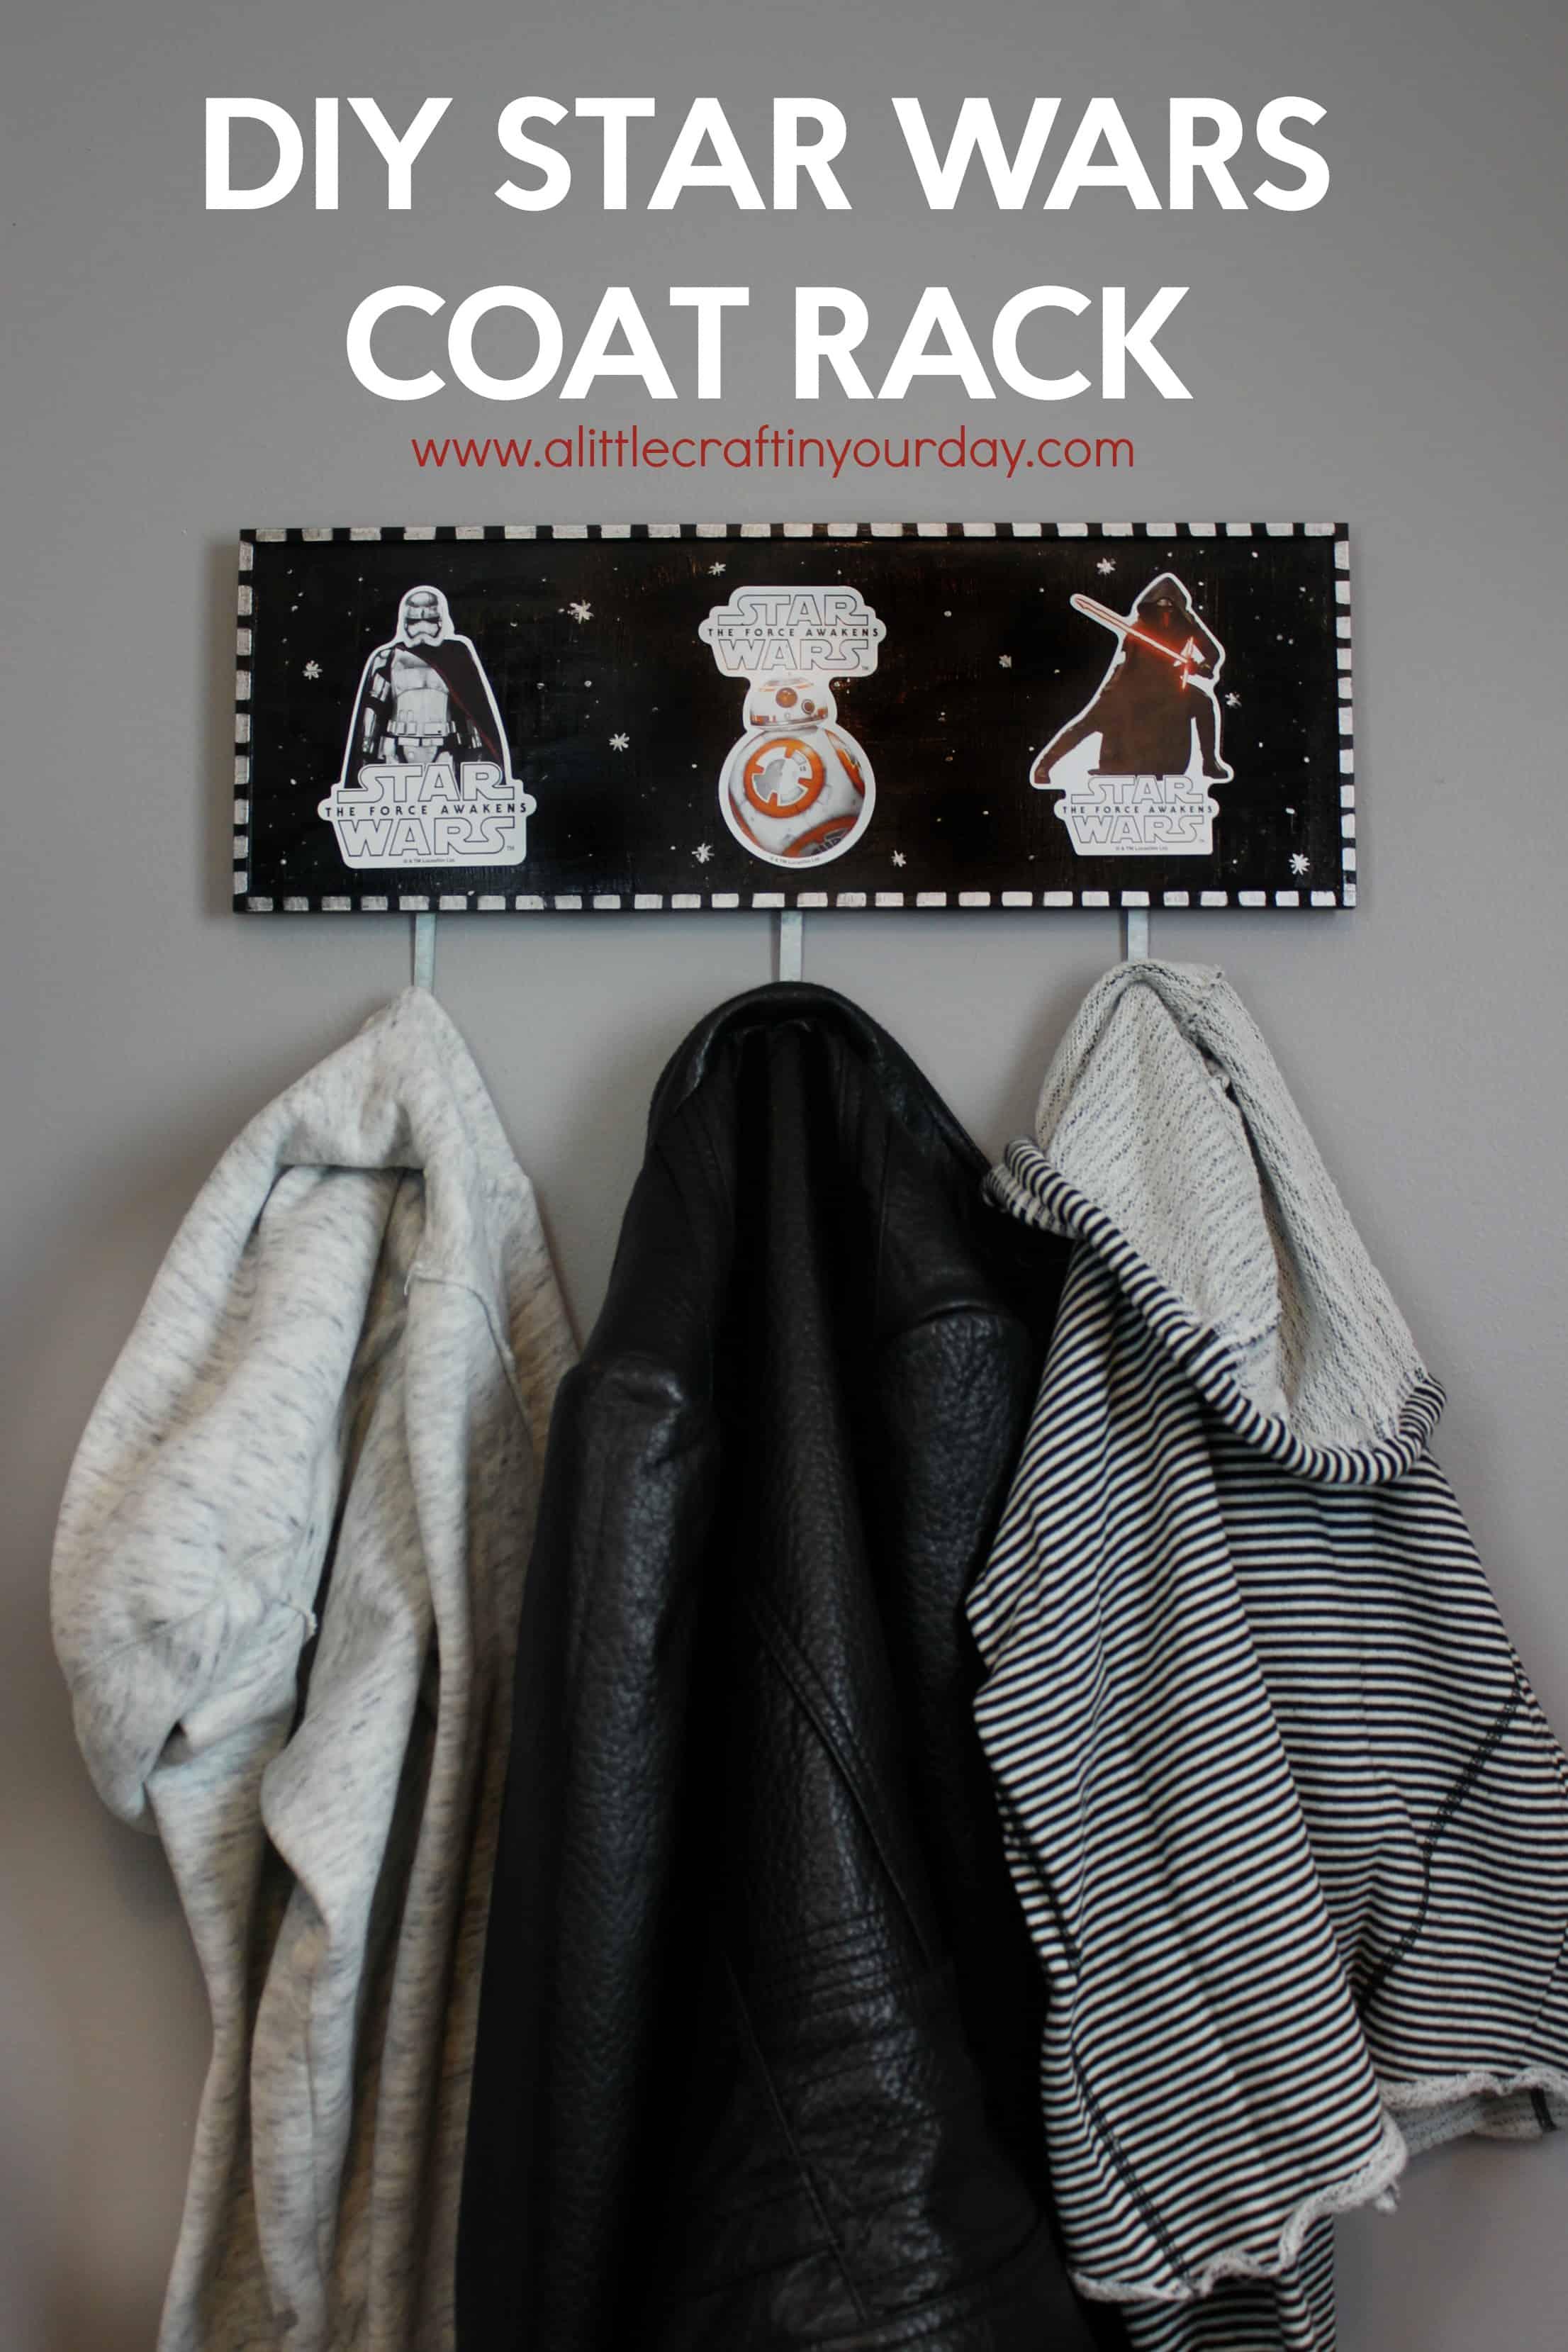 Diy star wars coat rack